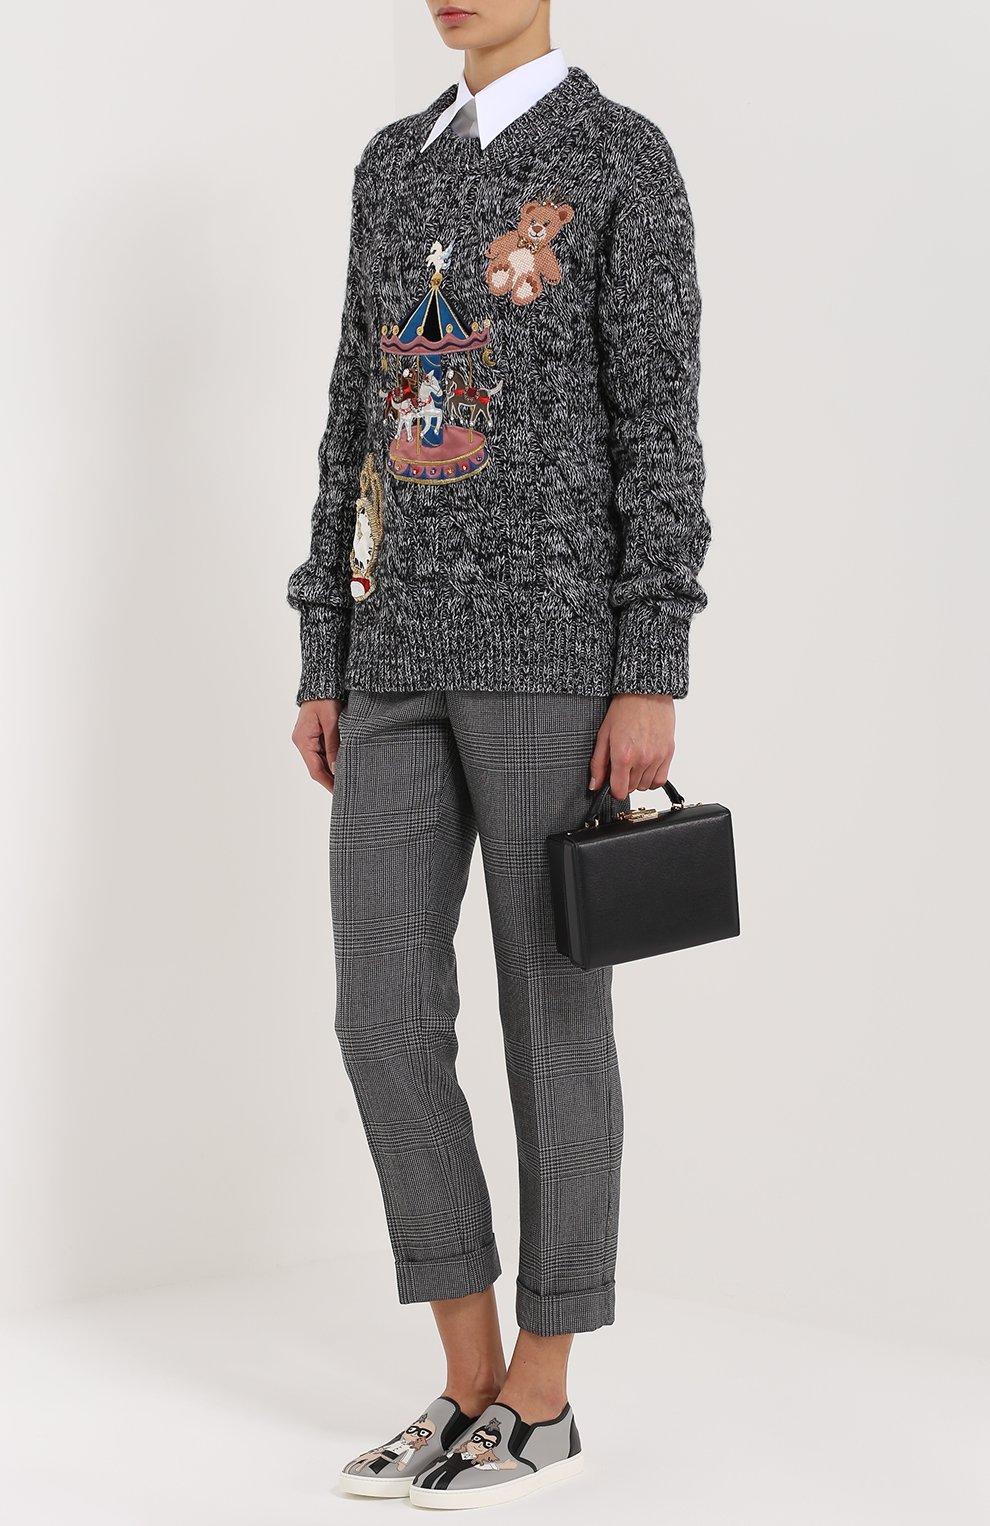 Кашемировый пуловер фактурной вязки с яркой вышивкой Dolce & Gabbana серый   Фото №2